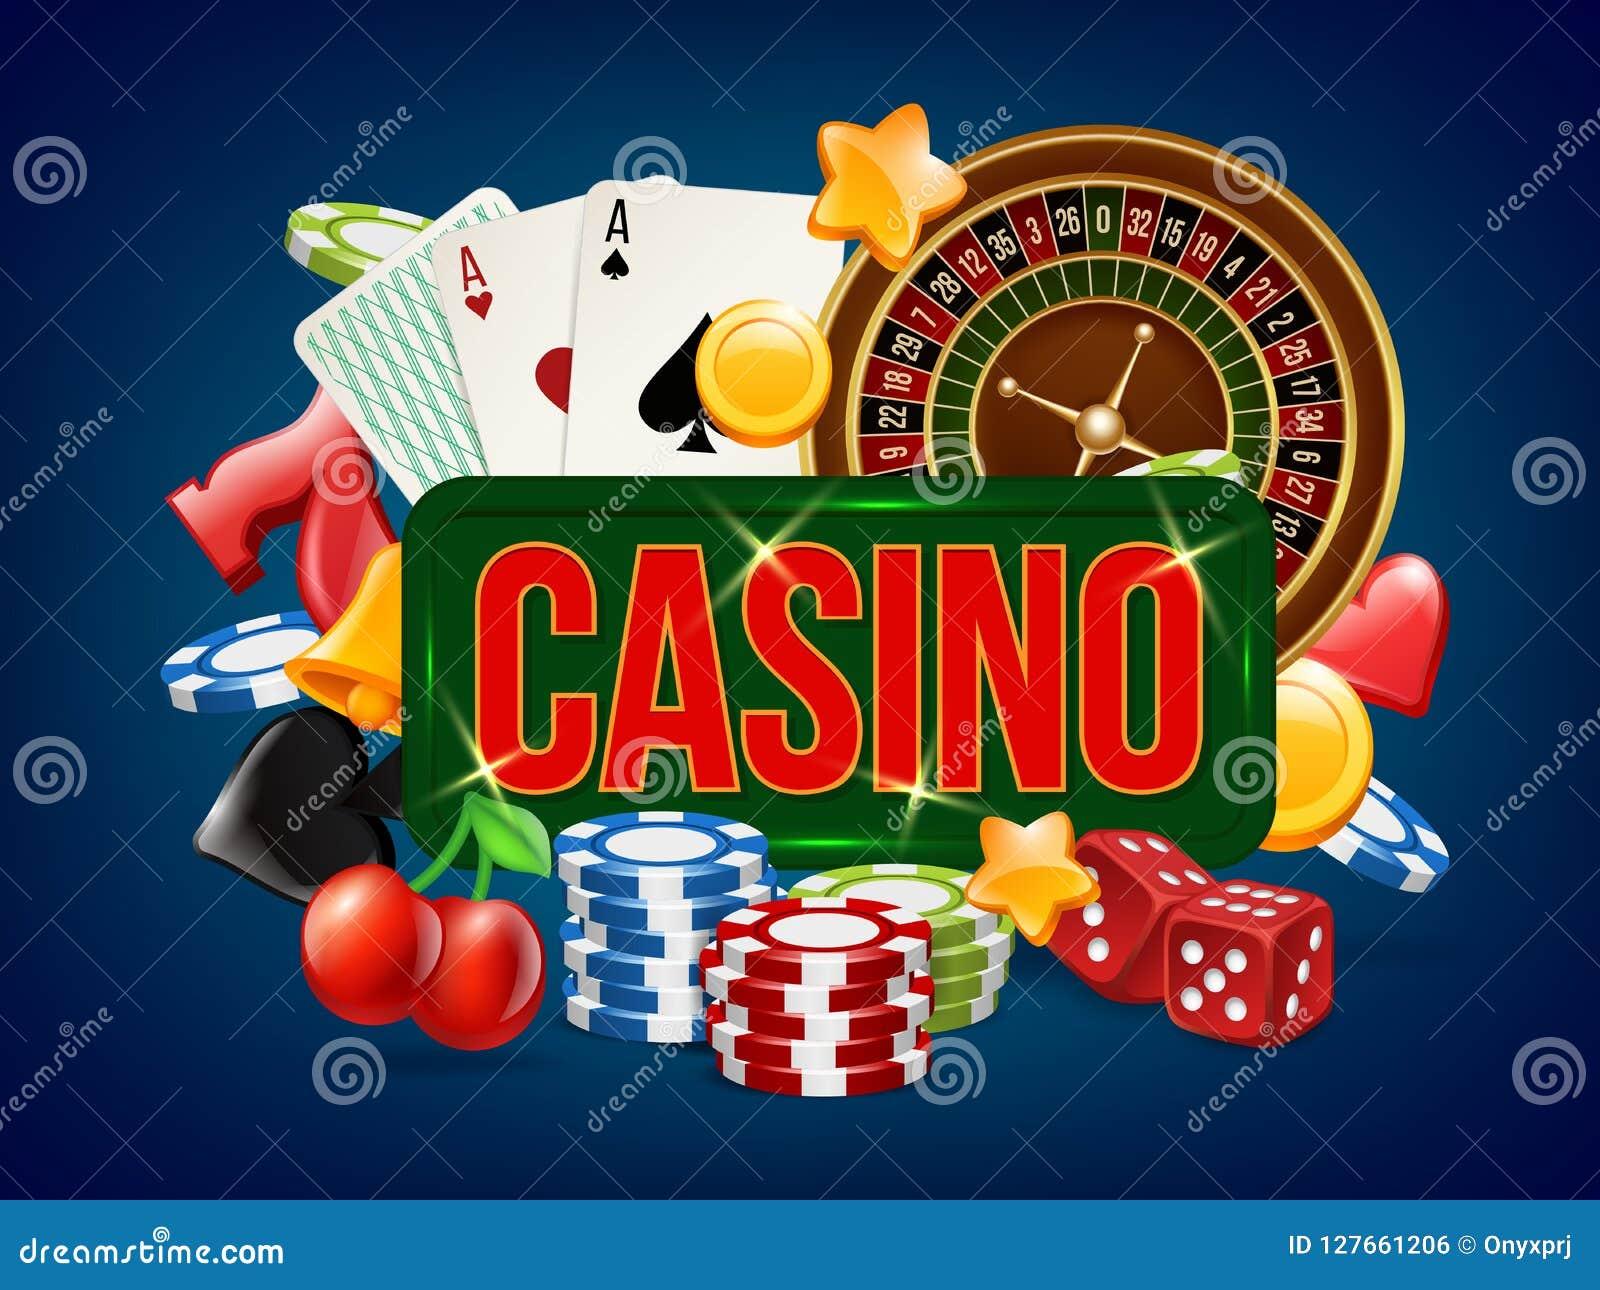 Реклама казино и азартных играх играть в карты и пасьянсы бесплатно без регистрации